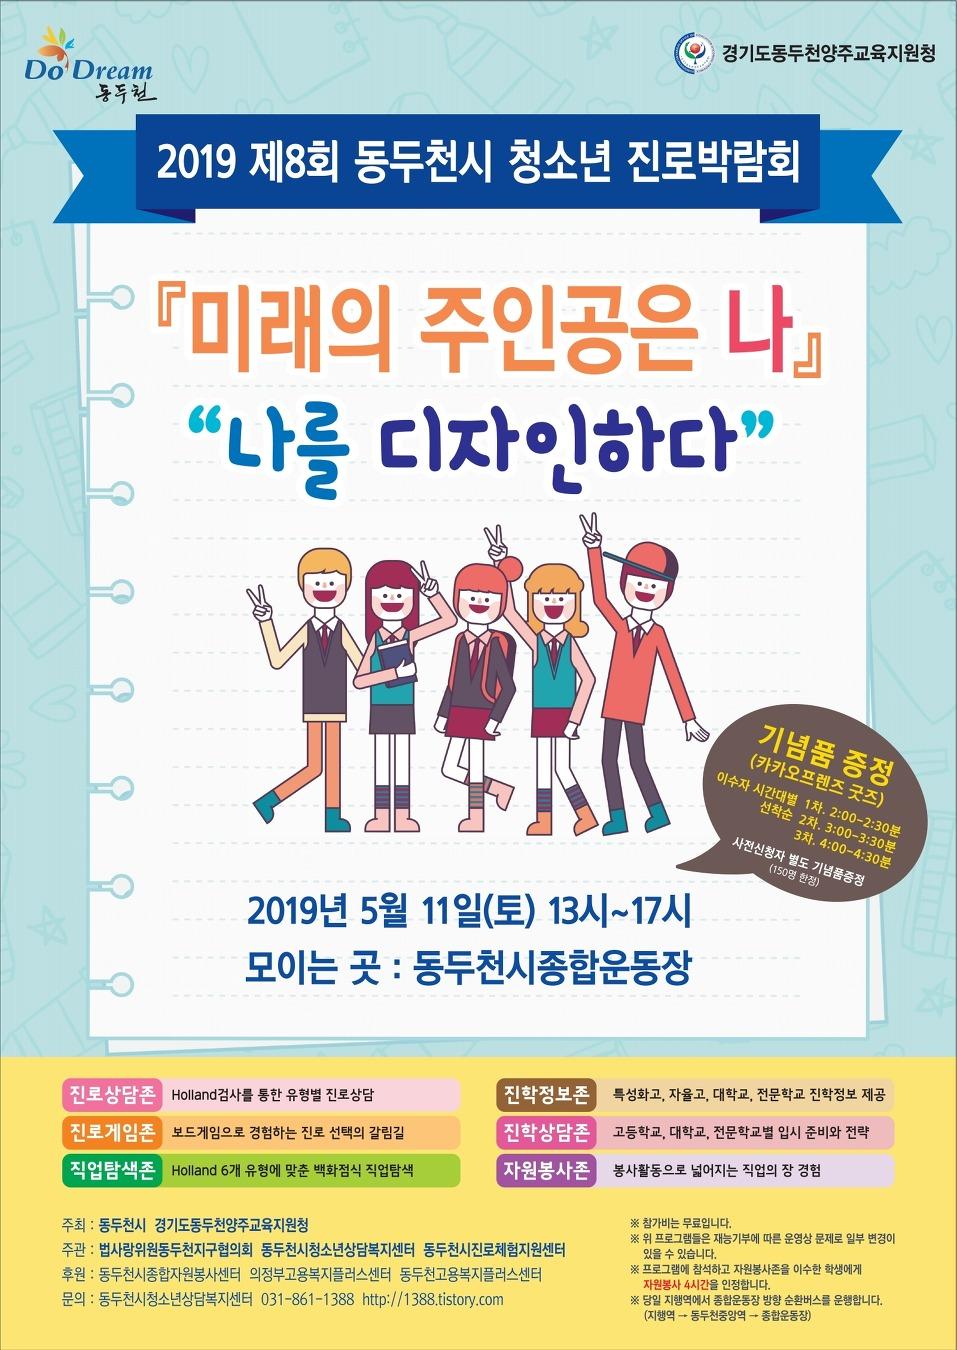 제8회 동두천시 청소년 진로박람회 개최